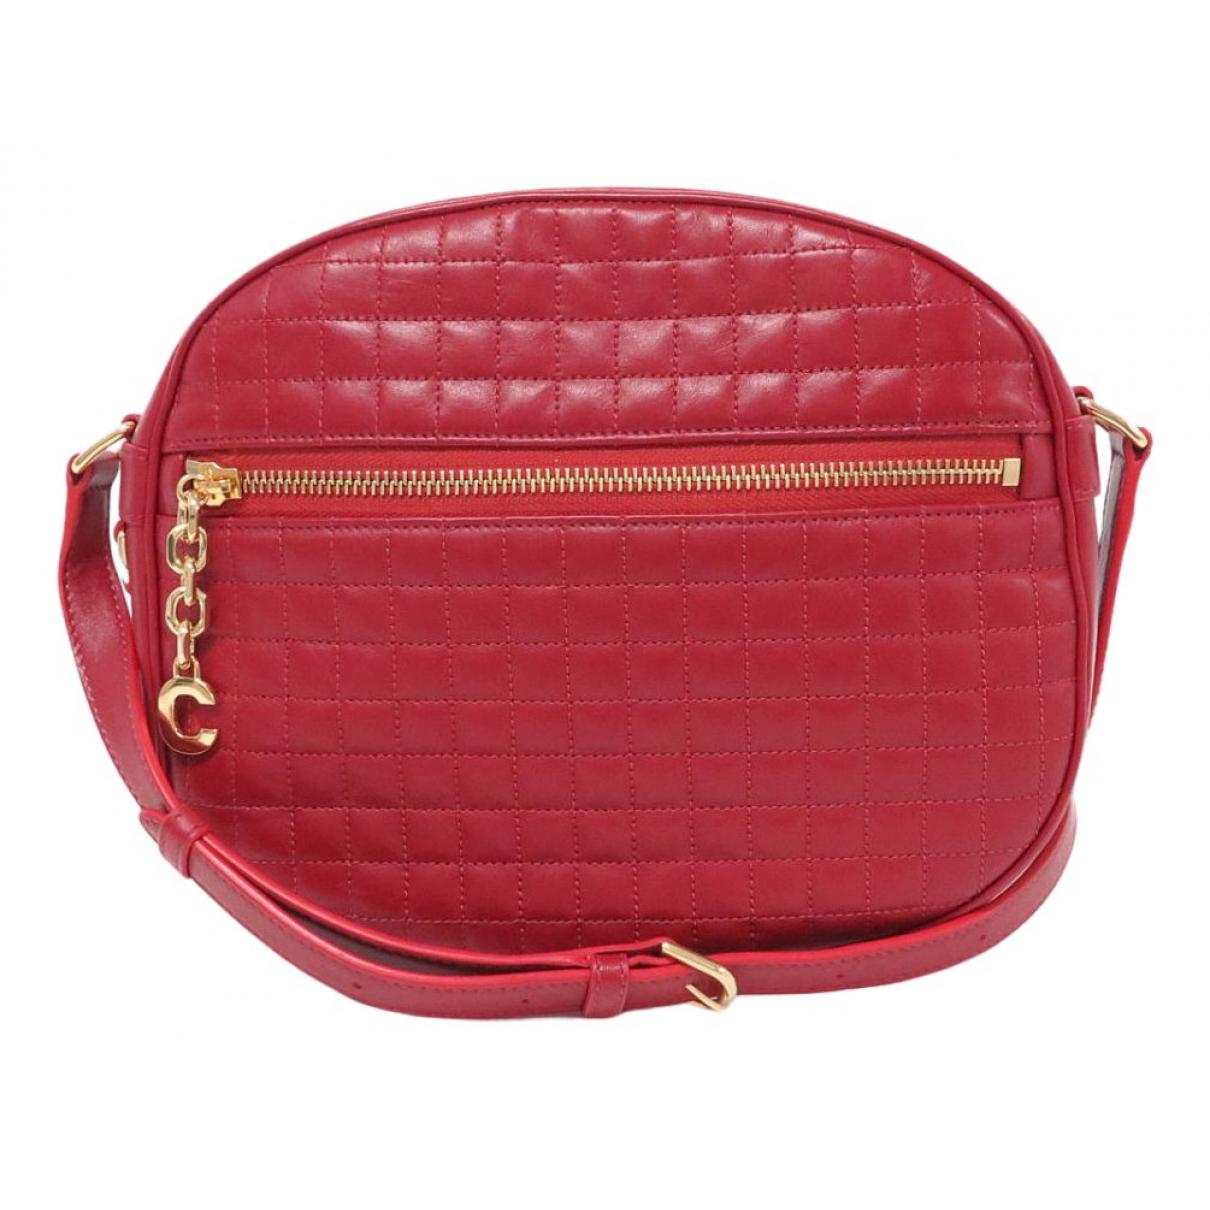 Celine C charm Red Leather handbag for Women N